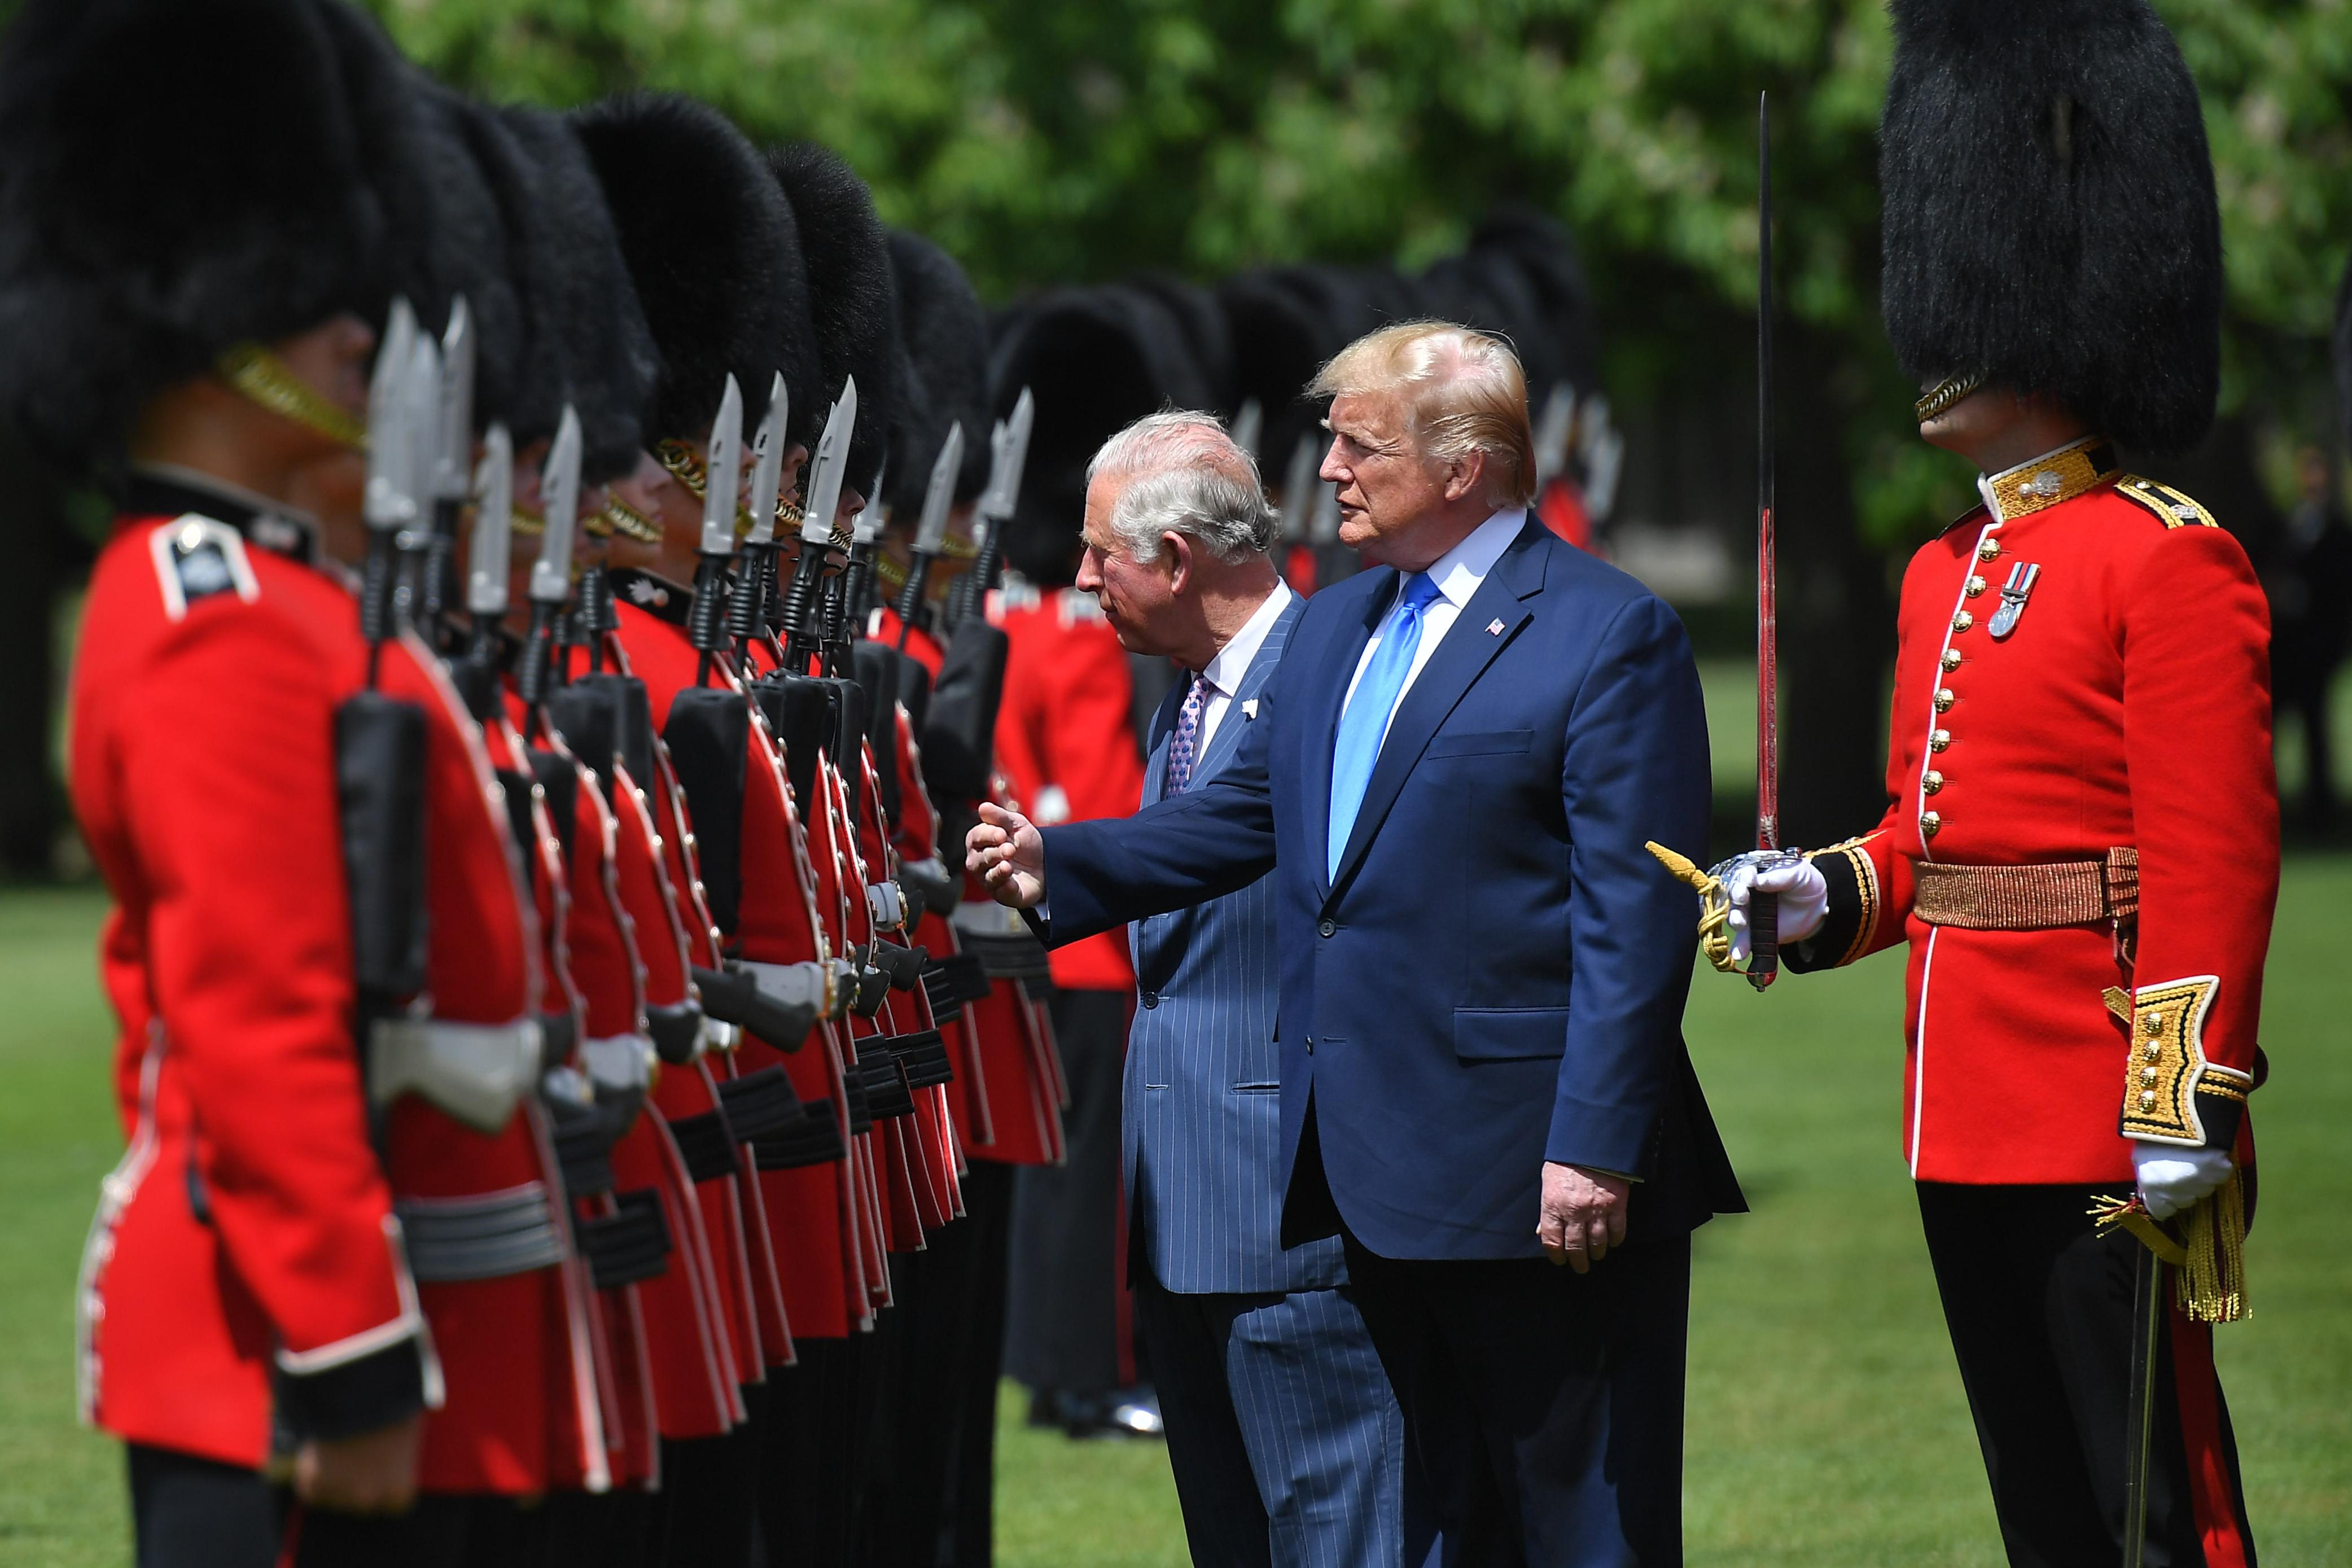 الرئيس دونالد ترامب والأمير تشارلز يتفقدان حرس الشرف في قصر بانكنغهام